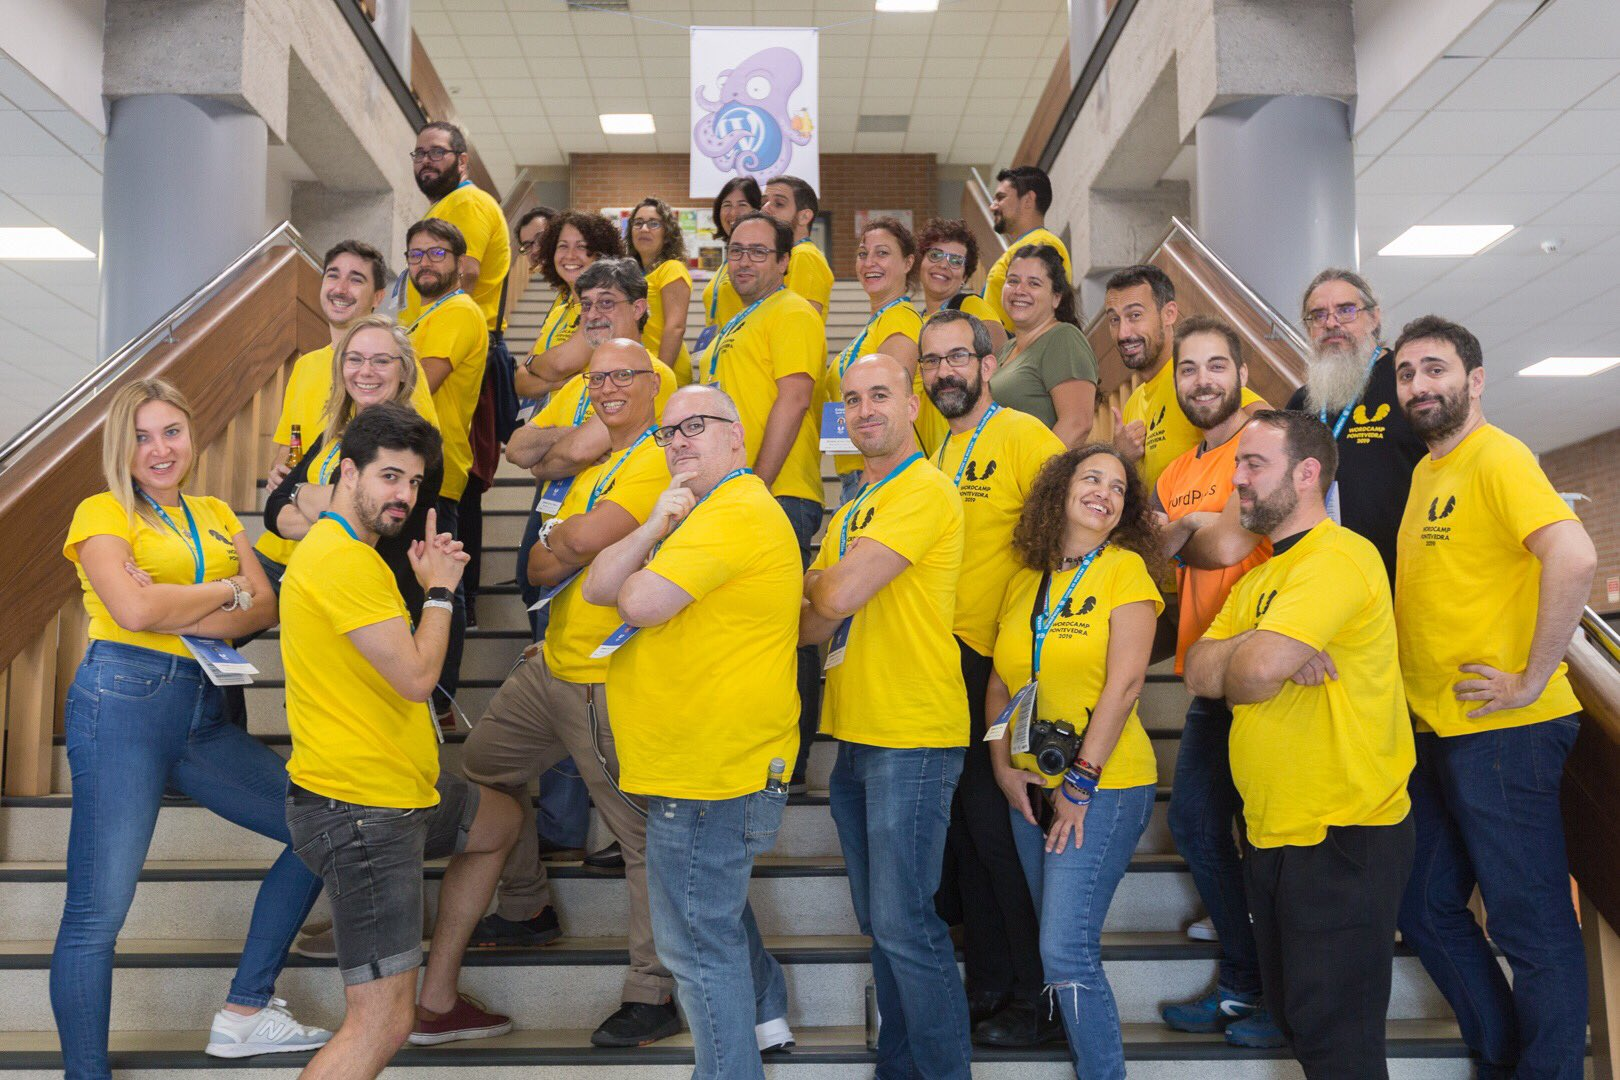 Voluntarios y organizadores de WordCamp Pontevedra